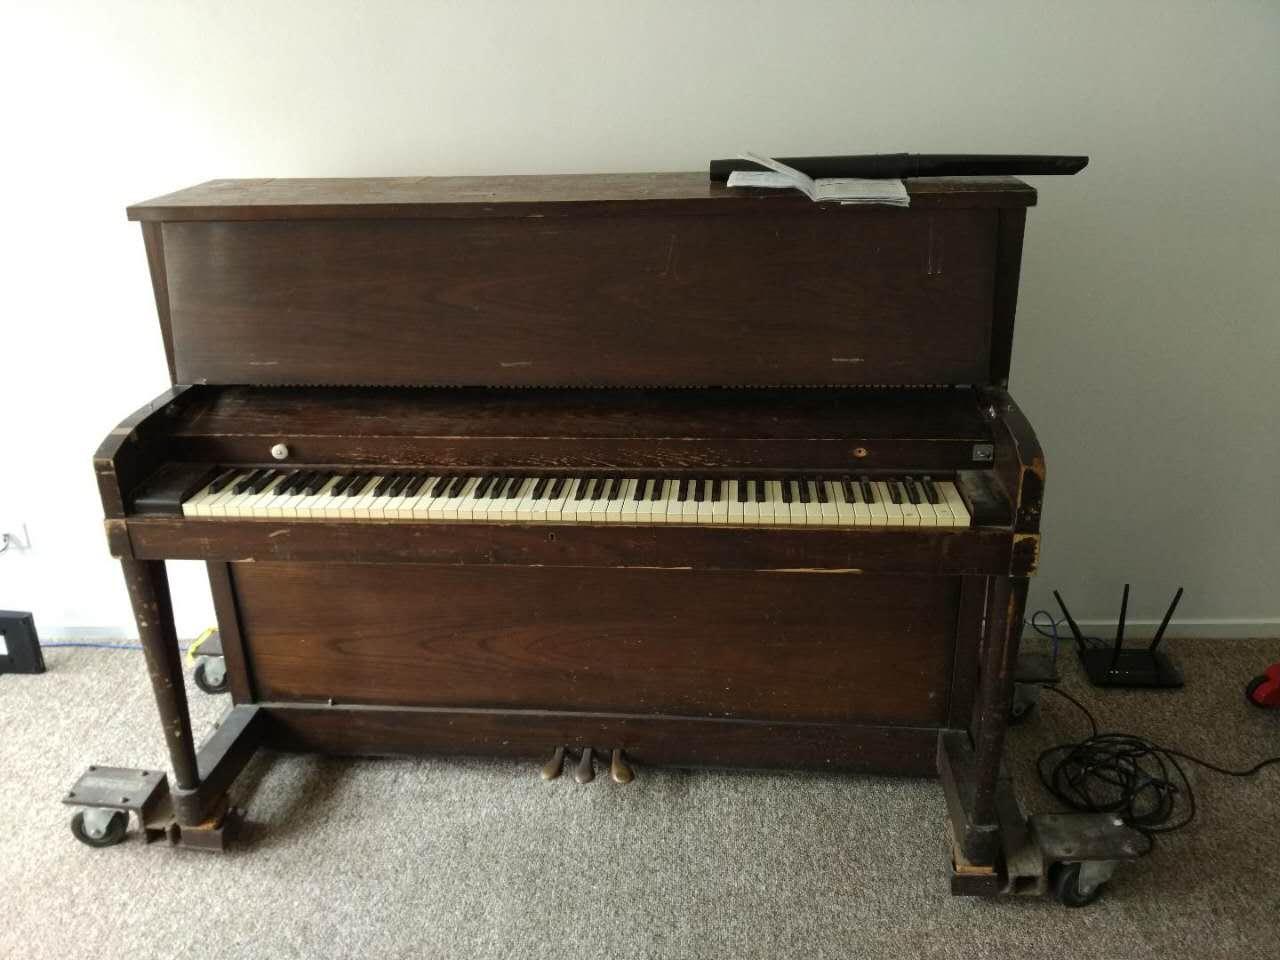 旧Hamilton钢琴转让——350美元